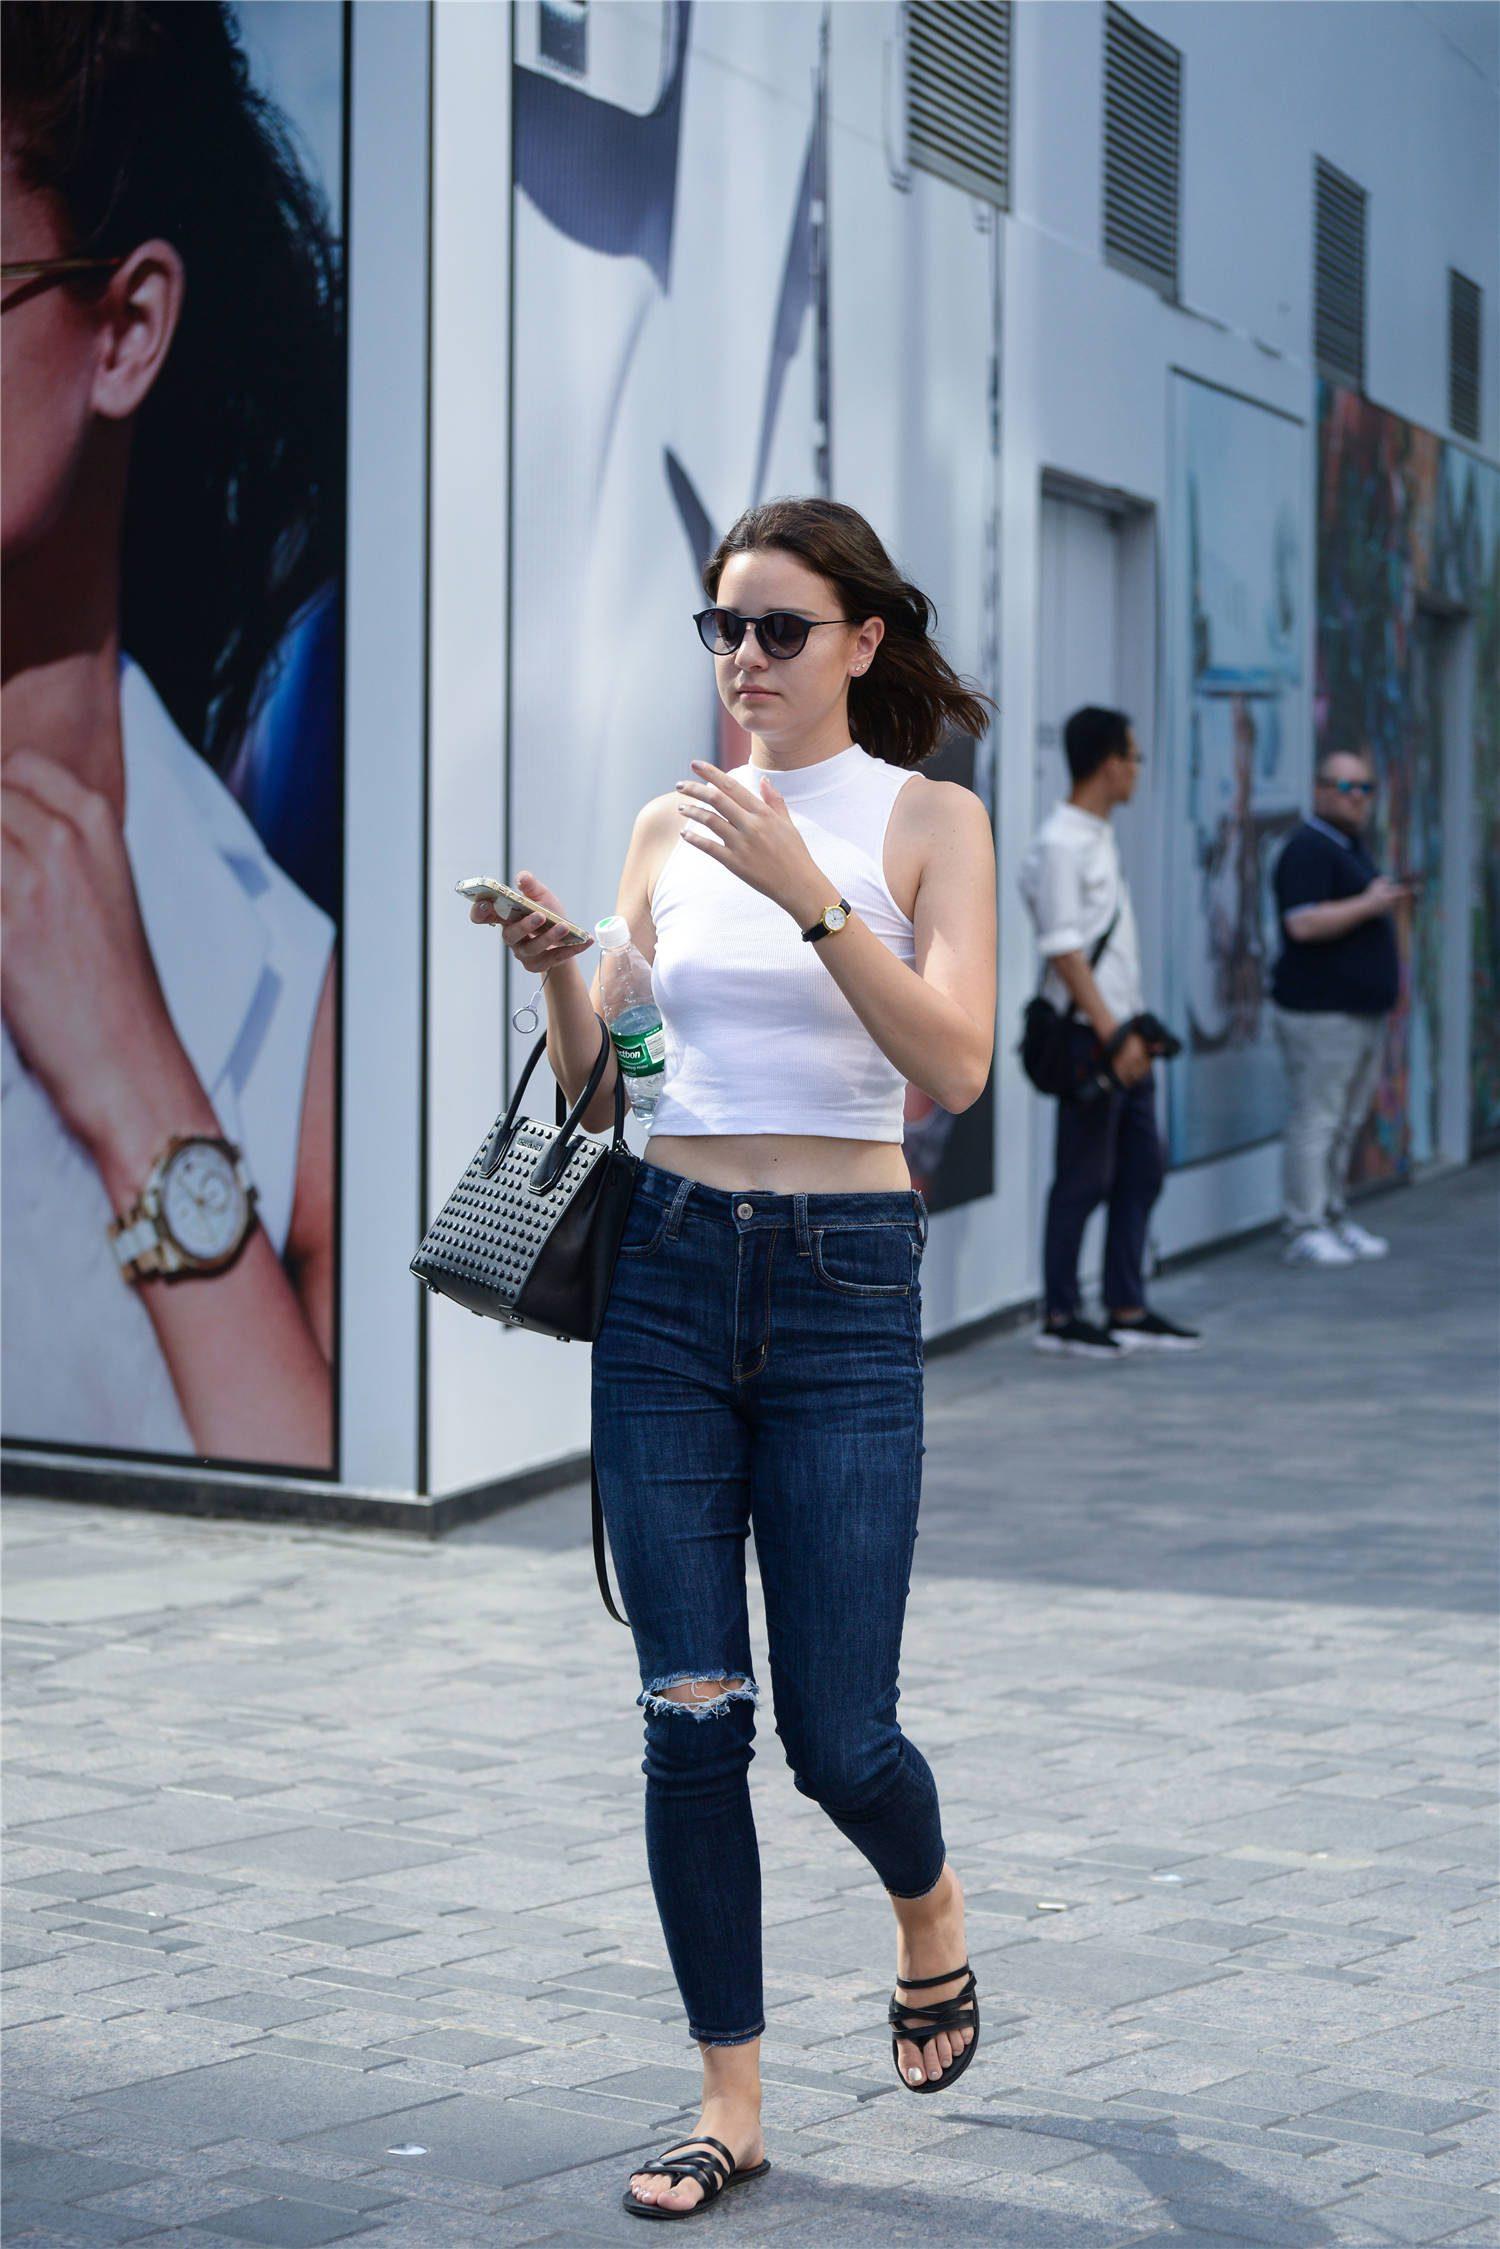 深蓝色紧身牛仔裤,却搭配一款拖鞋,换成高跟鞋会更美